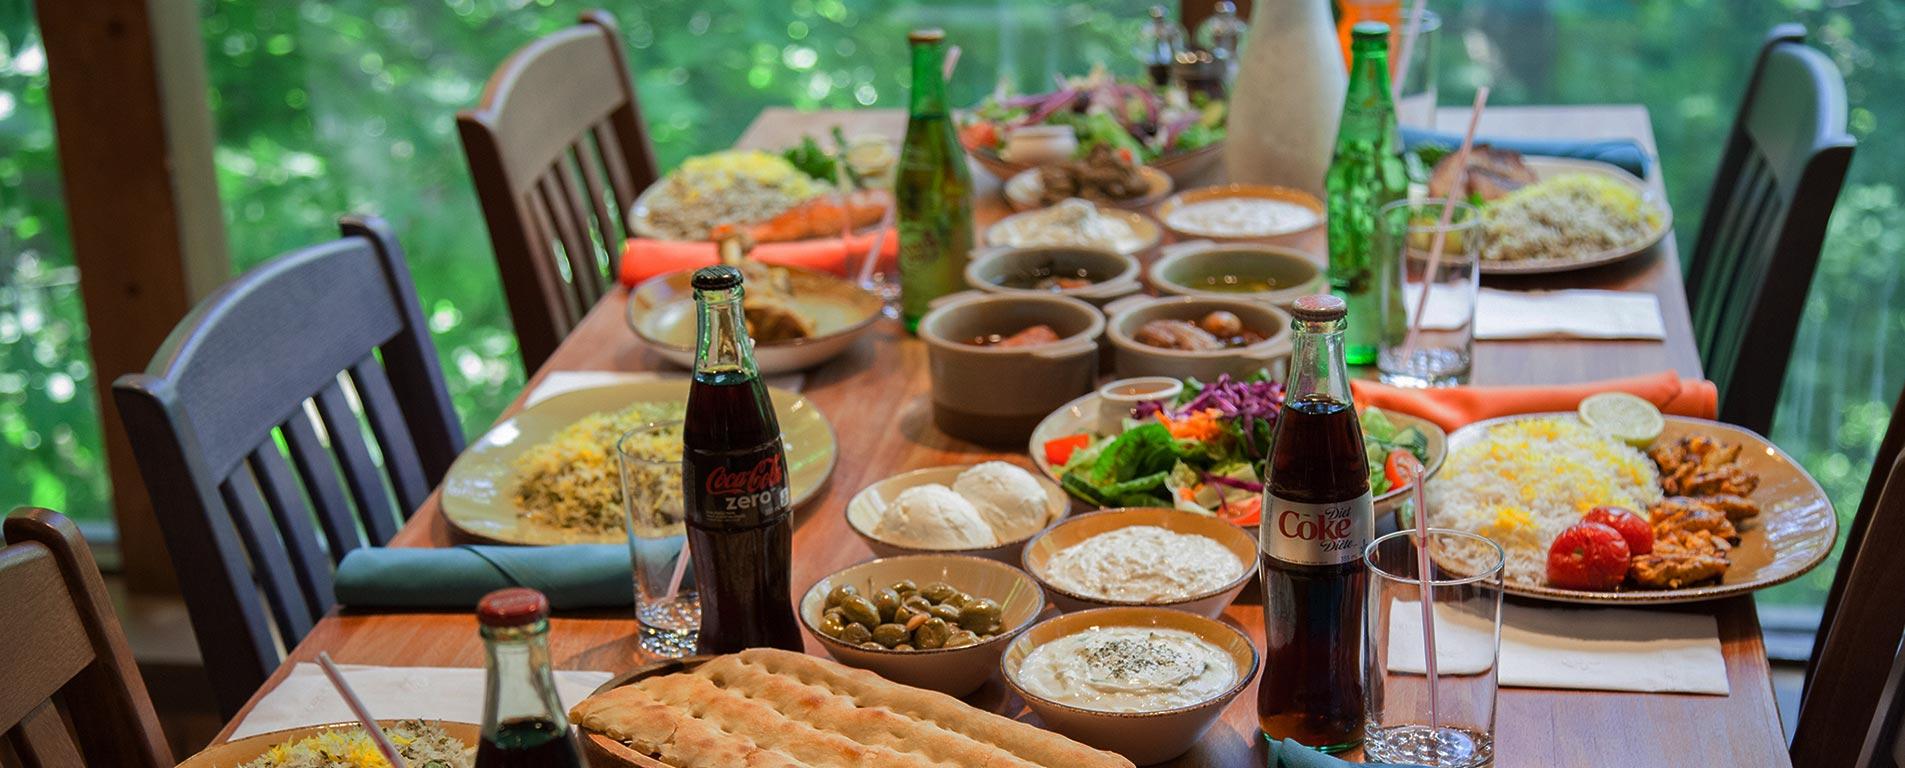 غذاهای محلی گیلان ، تجربه شکم گردی در بام سبز ایران